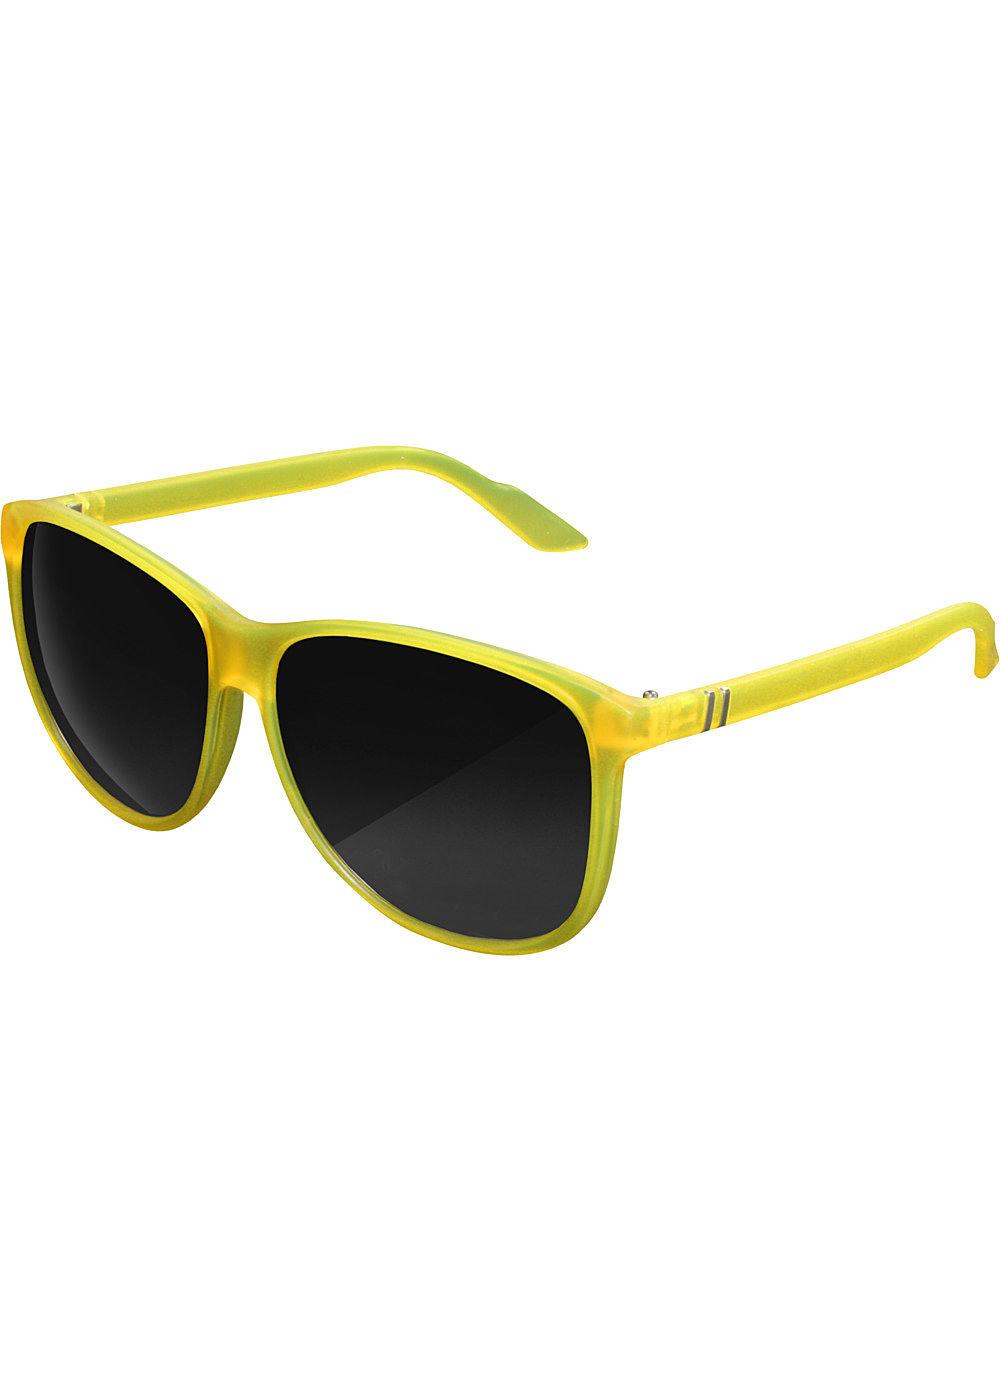 seventyseven lifestyle sonnenbrille inkl schutzh lle uv schutz 400 neon gelb 77onlineshop. Black Bedroom Furniture Sets. Home Design Ideas